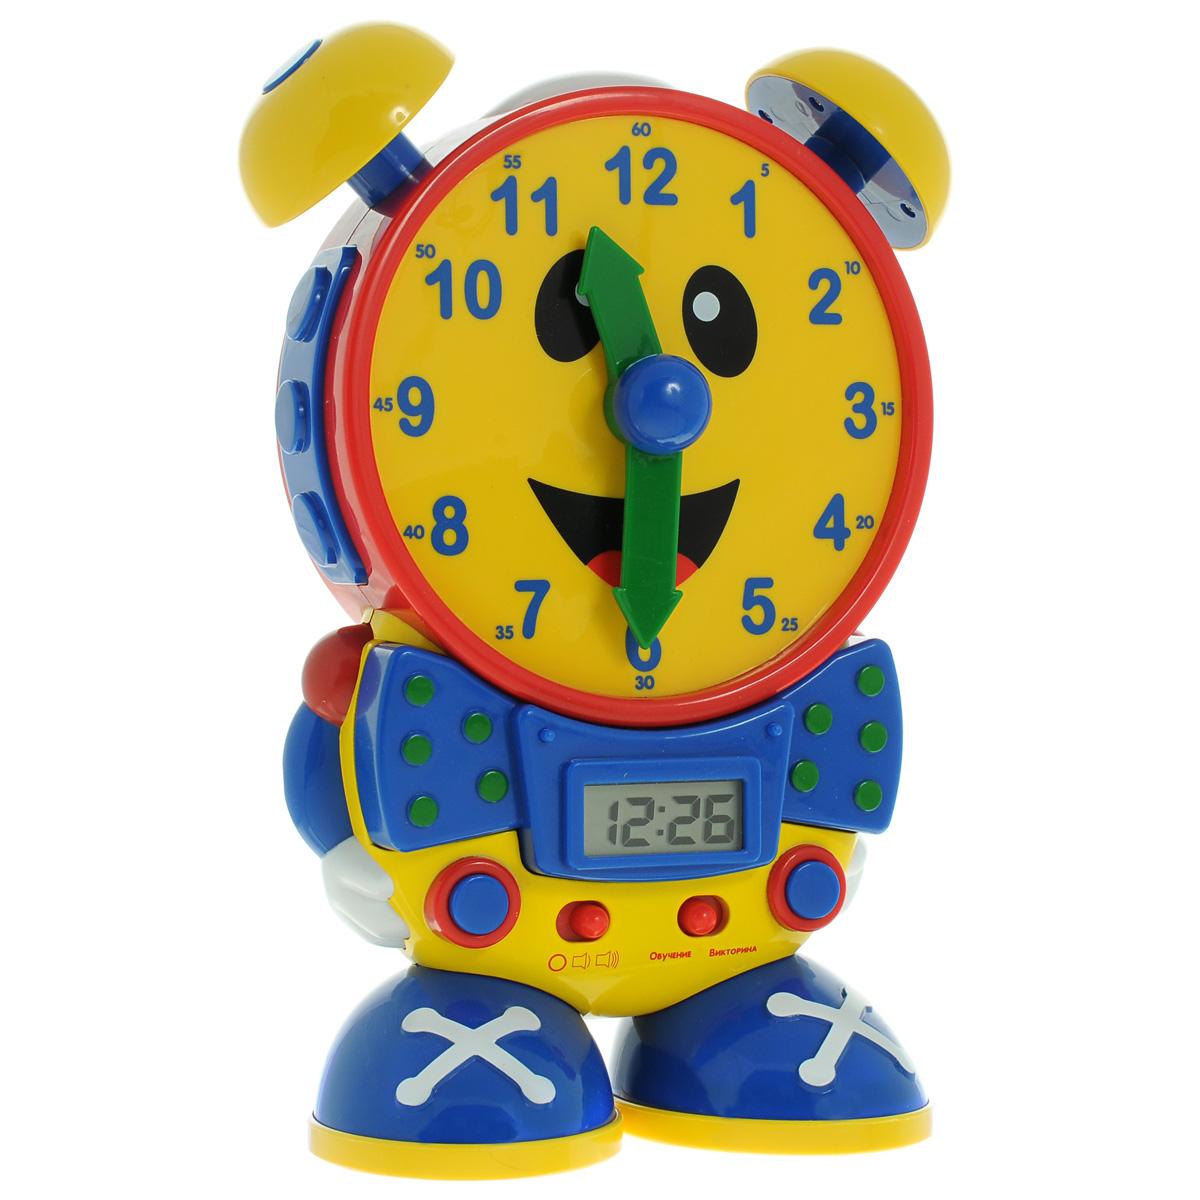 Развивающая игрушка Learning Journey Мои первые часы, с электронными часами75418Развивающая игрушка Learning Journey Мои первые часы - это веселая и полезная игрушка для малыша. Благодаря ей малыш сможет научиться определять время по циферблату, а еще она станет прекрасным ночником для детской комнаты и электронными часами. Игрушка выполнена из яркого пластика в виде веселых улыбающихся часиков. Предусмотрено 2 режима. Первый режим - Обучение. Этот режим научит вашего ребенка правильно говорить время. Передвиньте стрелки часов в любое положение, и часы озвучат выбранное время. Минутную стрелку можно передвигать только с 5-минутным интервалом. Второй режим - викторина. В режиме викторины ребенку предстоит правильно выставлять стрелки циферблата часов согласно времени, показанному на электронных часах. После включения режима викторины последует серия случайных вопросов. Для ответа на поставленный вопрос необходимо перевести стрелки циферблата согласно времени указанному в вопросе на цифровом дисплее. Далее устройство подтвердит, правильно ли введен...